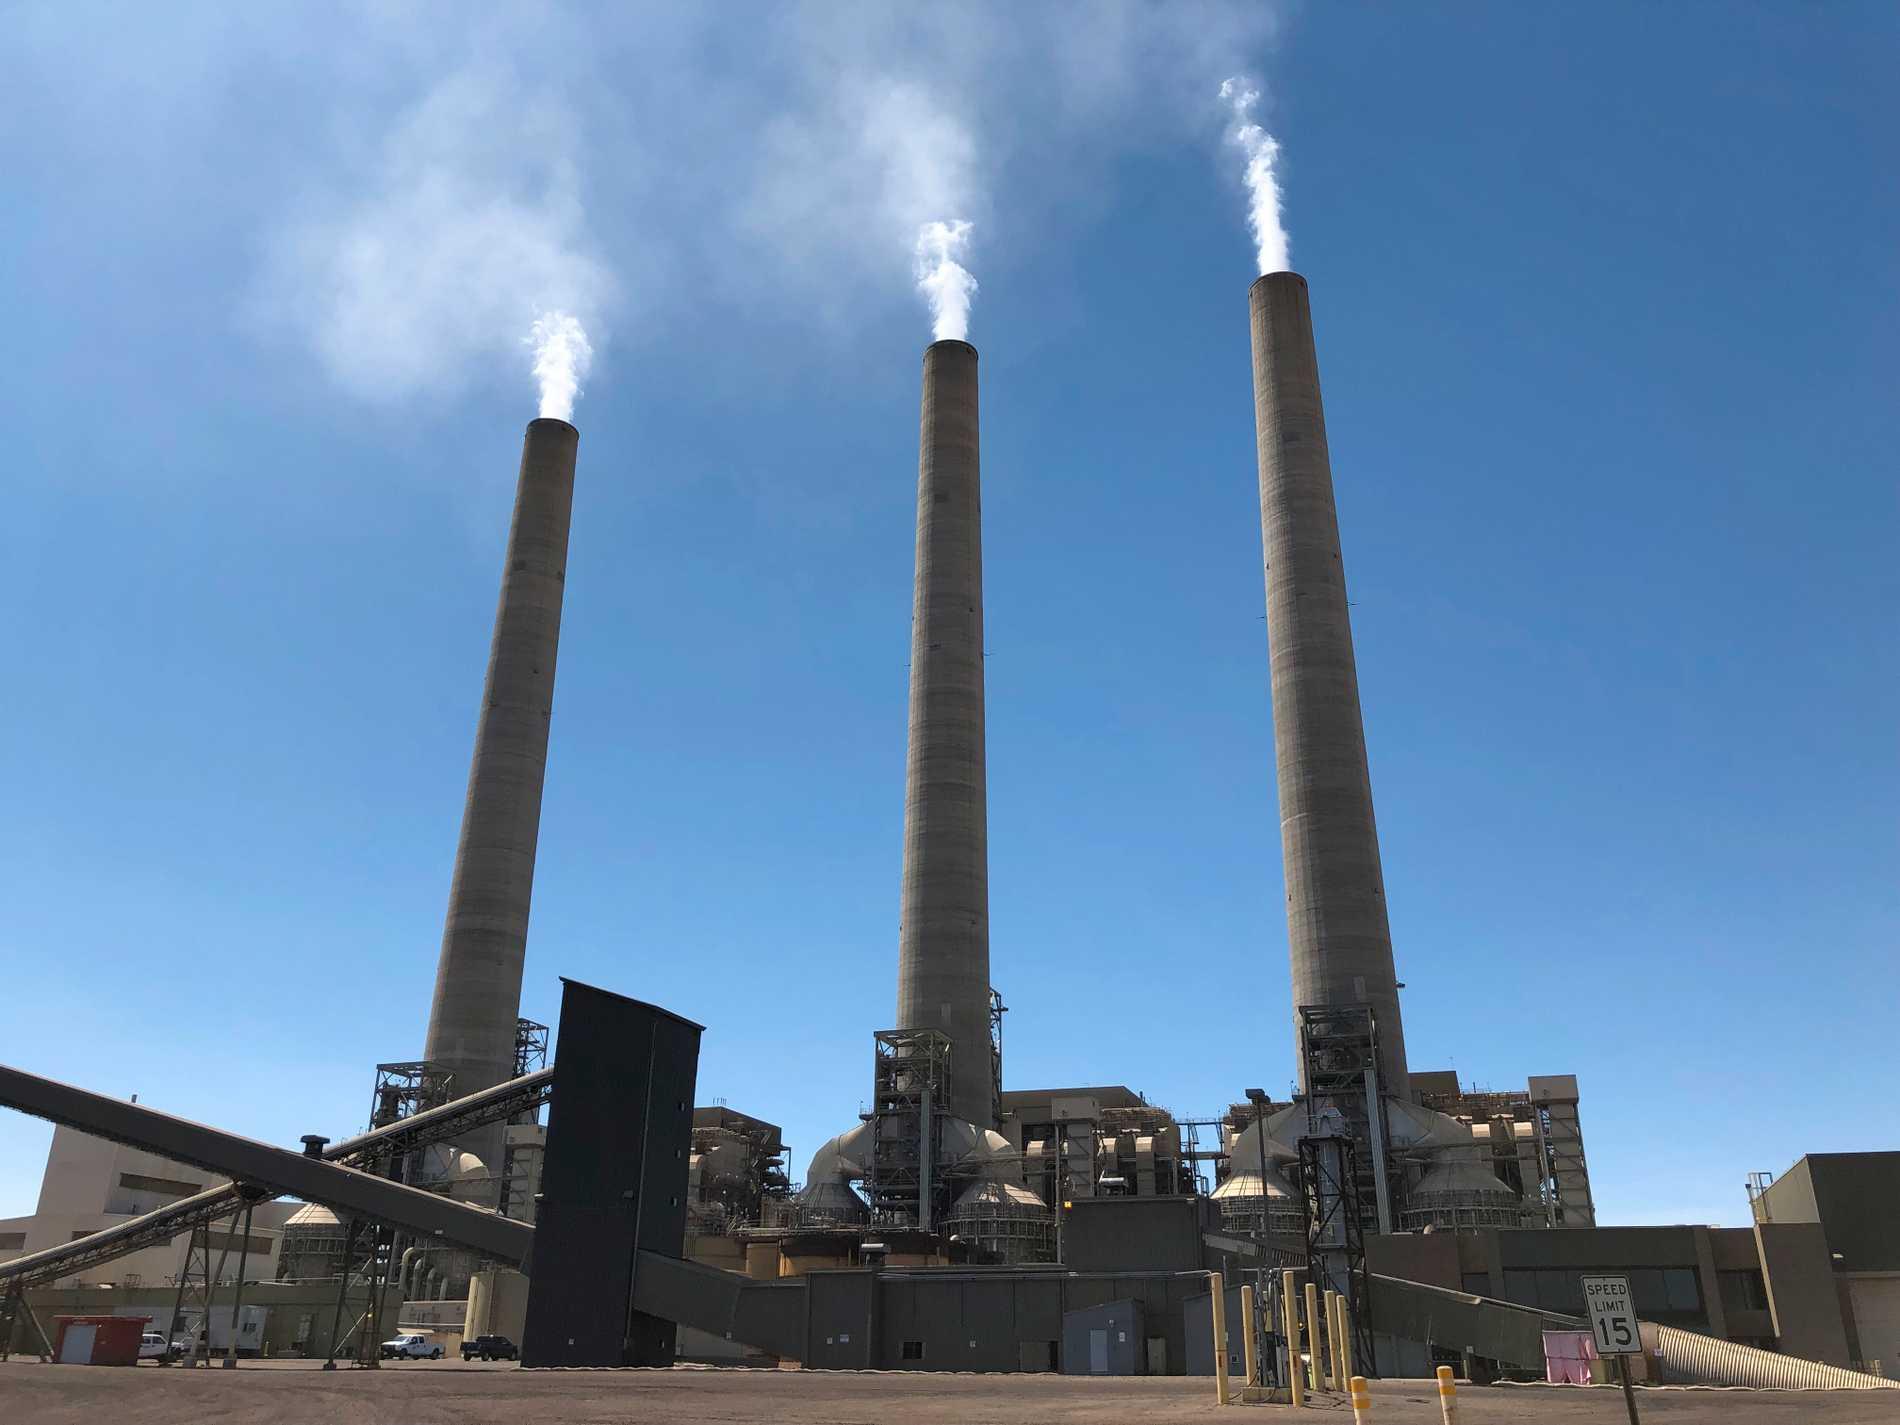 Kolindustrin tackar nej till slopad miljölag